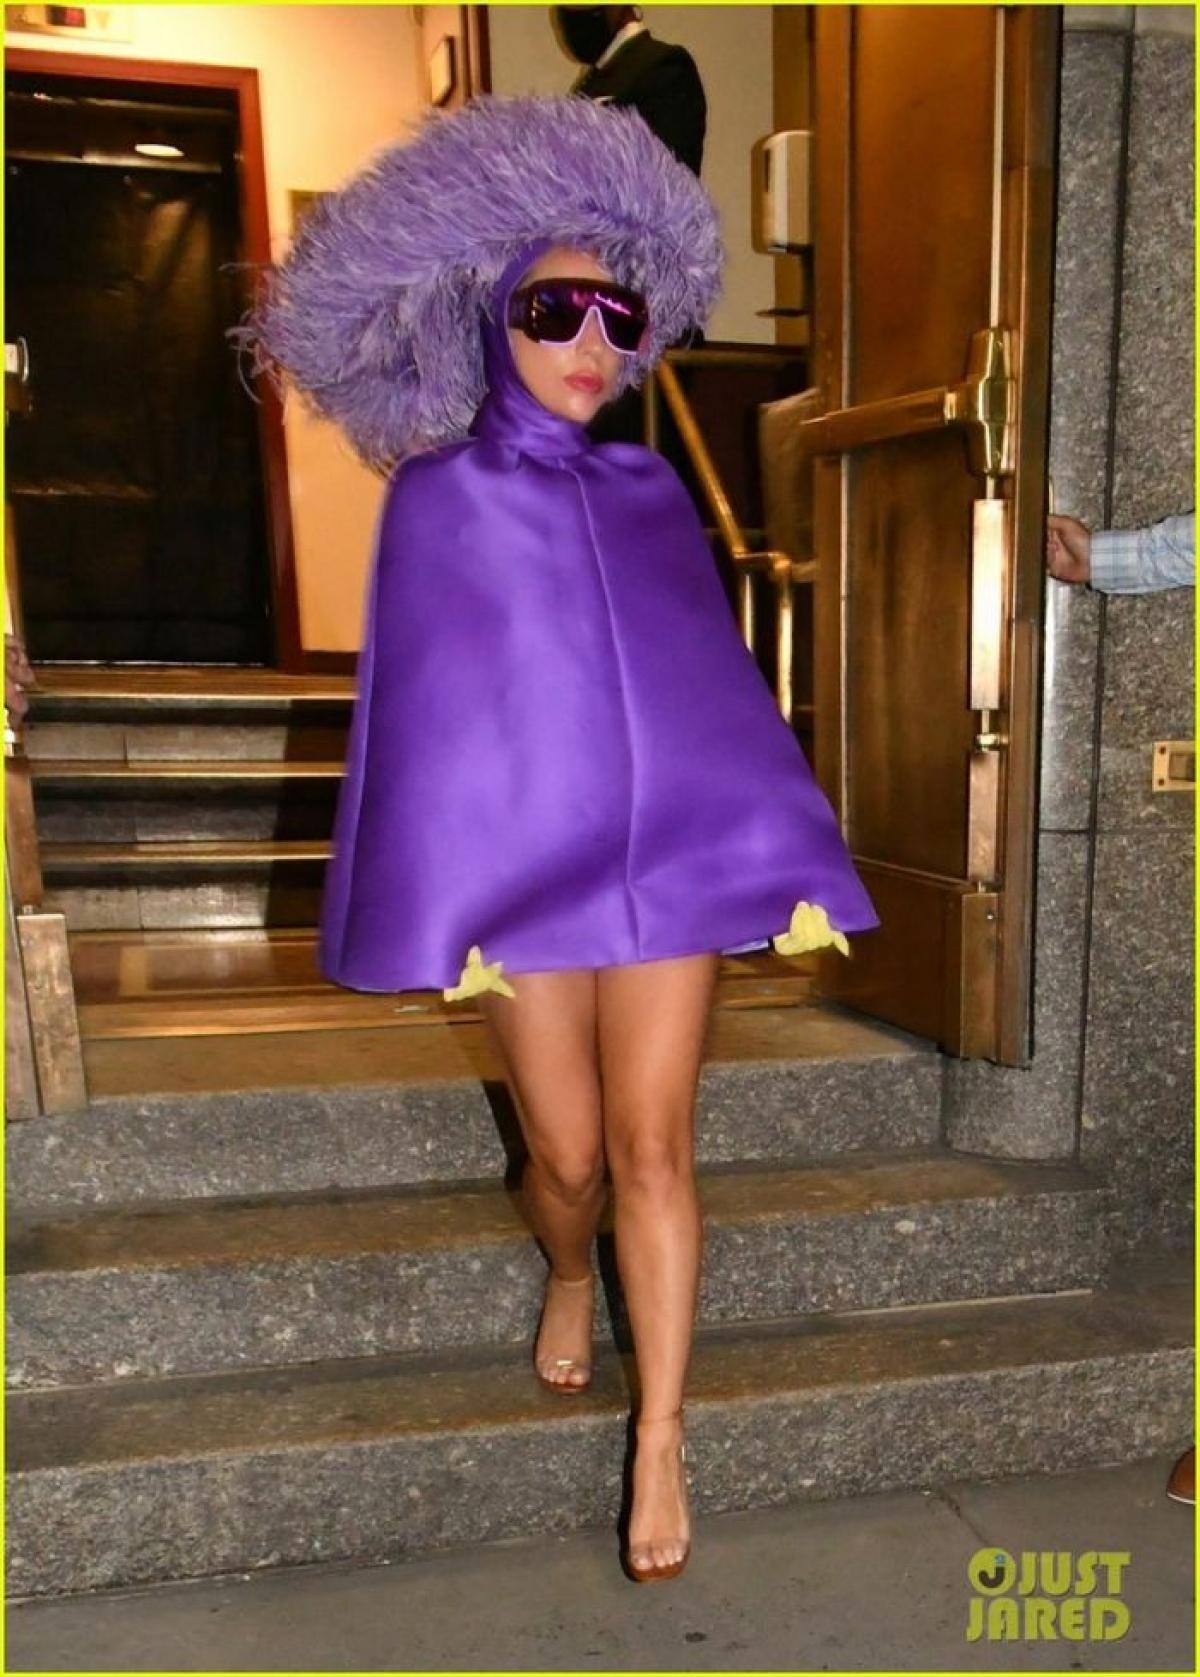 """Cách đây không lâu, Lady Gaga cũng ghi dấu ấn khi trở lại với phim trường. Lady Gaga hoàn toàn """"lột xác"""" khỏi hình tượng cô ca sĩ Ally trong """"A Star is Born"""", khoác lên mình một vai diễn nặng tâm lý và số phận phức tạp trong phim """"House Of Gucci""""."""